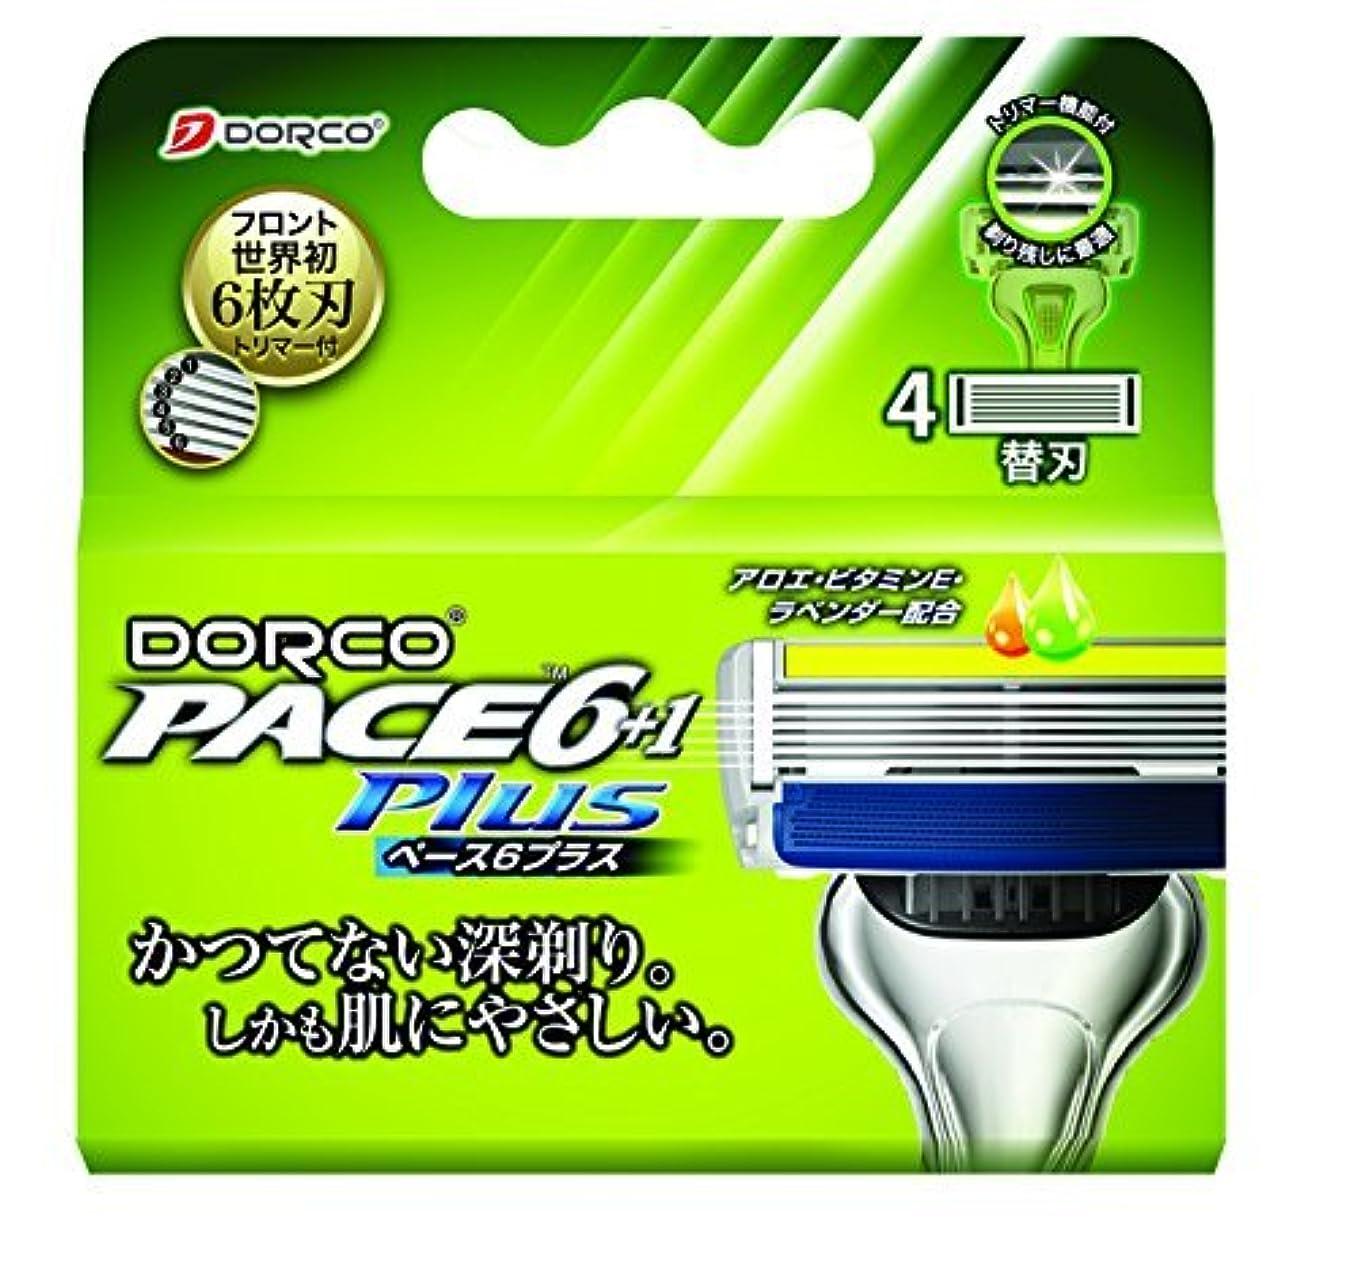 ボール割合計算するDORCO ドルコ PACE6Plus 男性用替刃式 カミソリ6枚刃 替え刃